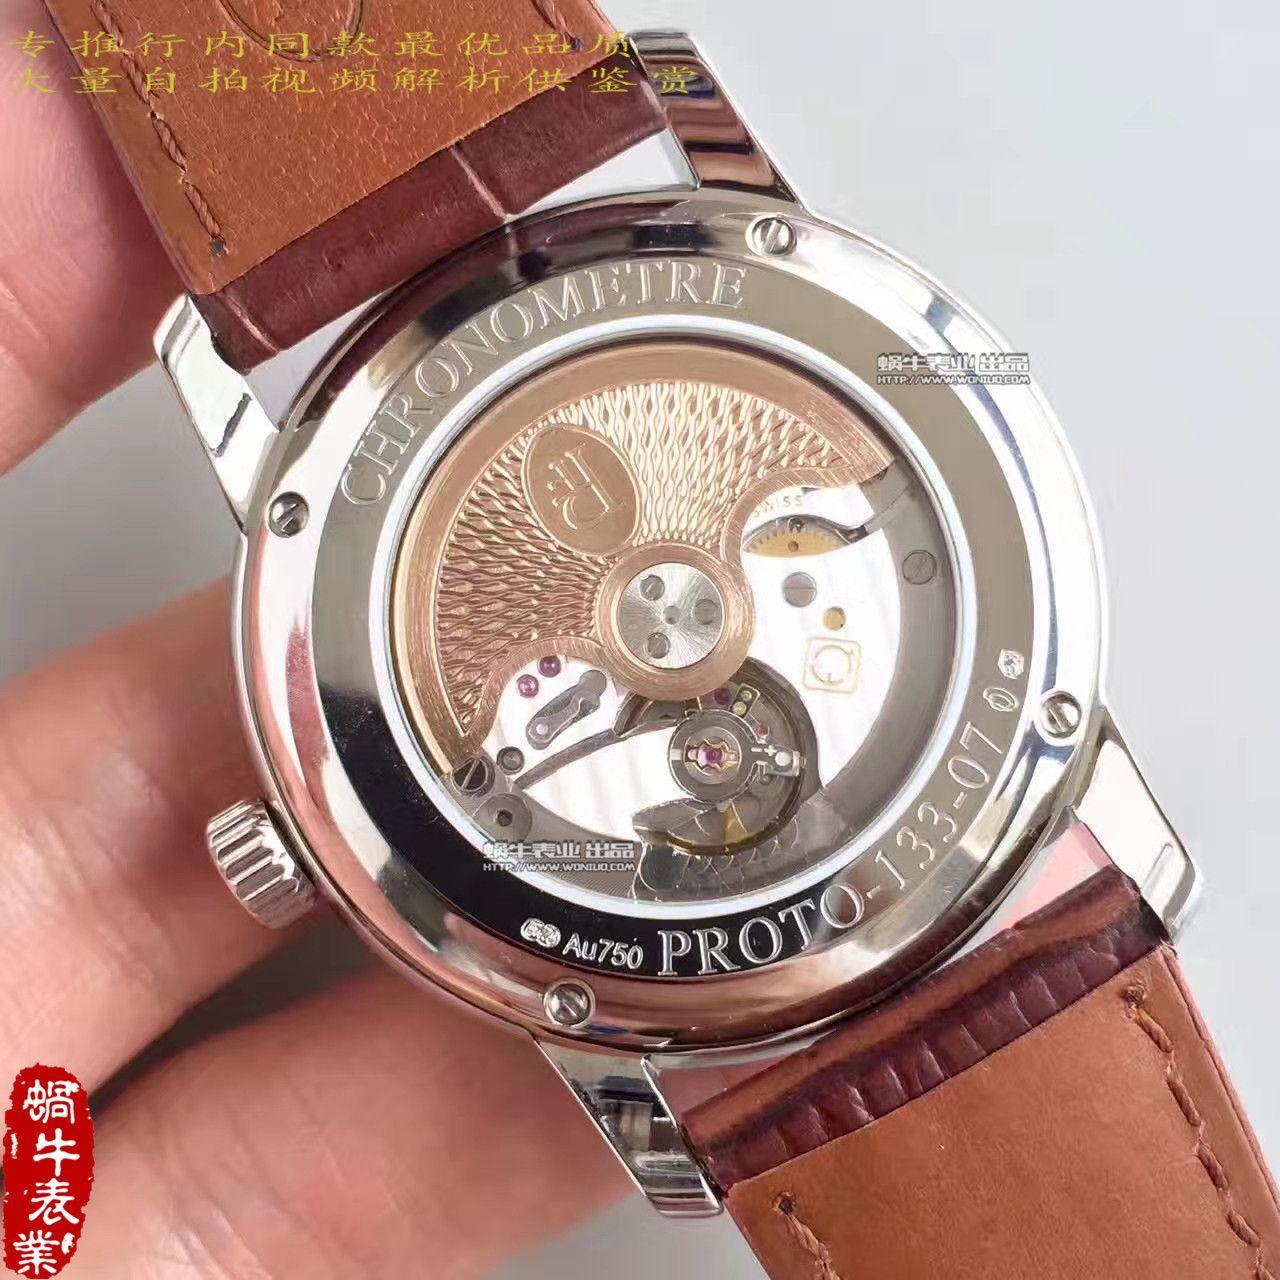 【WF顶级复刻手表】帕玛强尼TORIC系列PFC423-1202400-HA1441腕表 / PM031